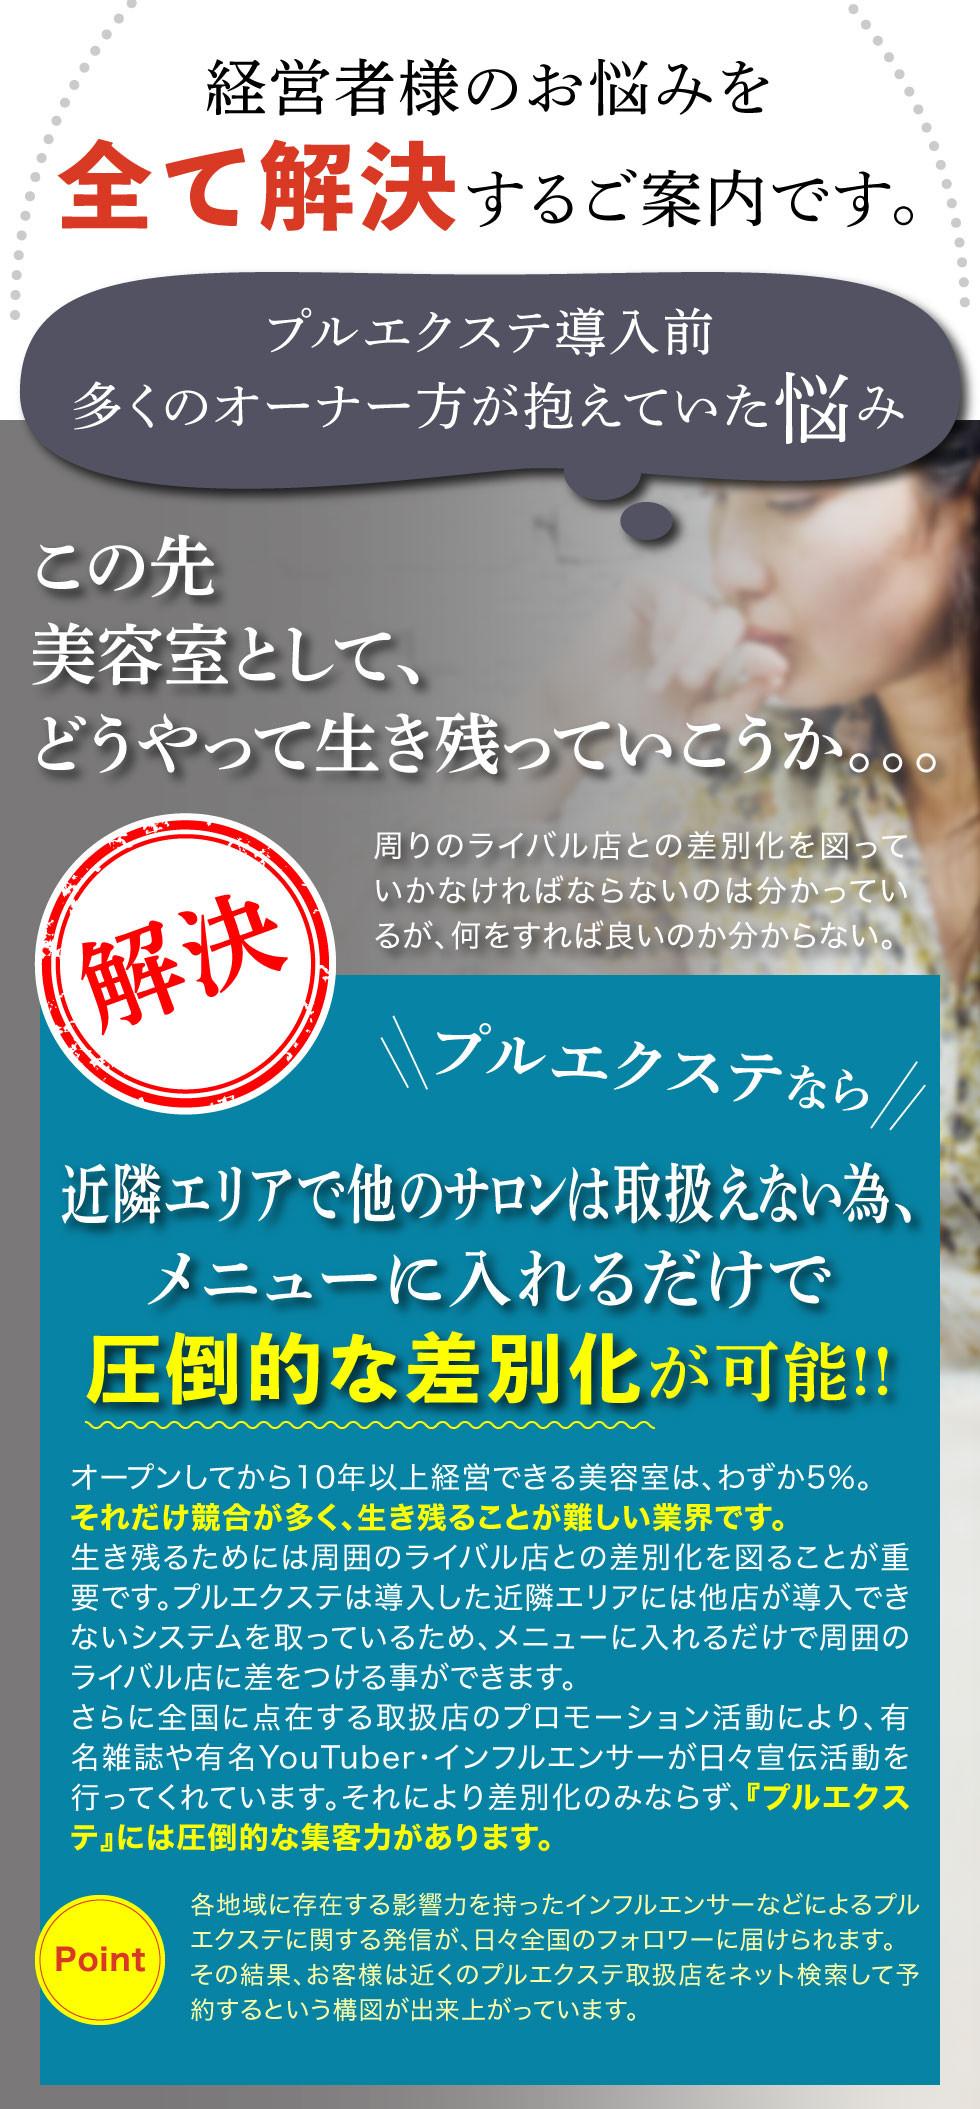 2005_事例広告LP_03.jpg